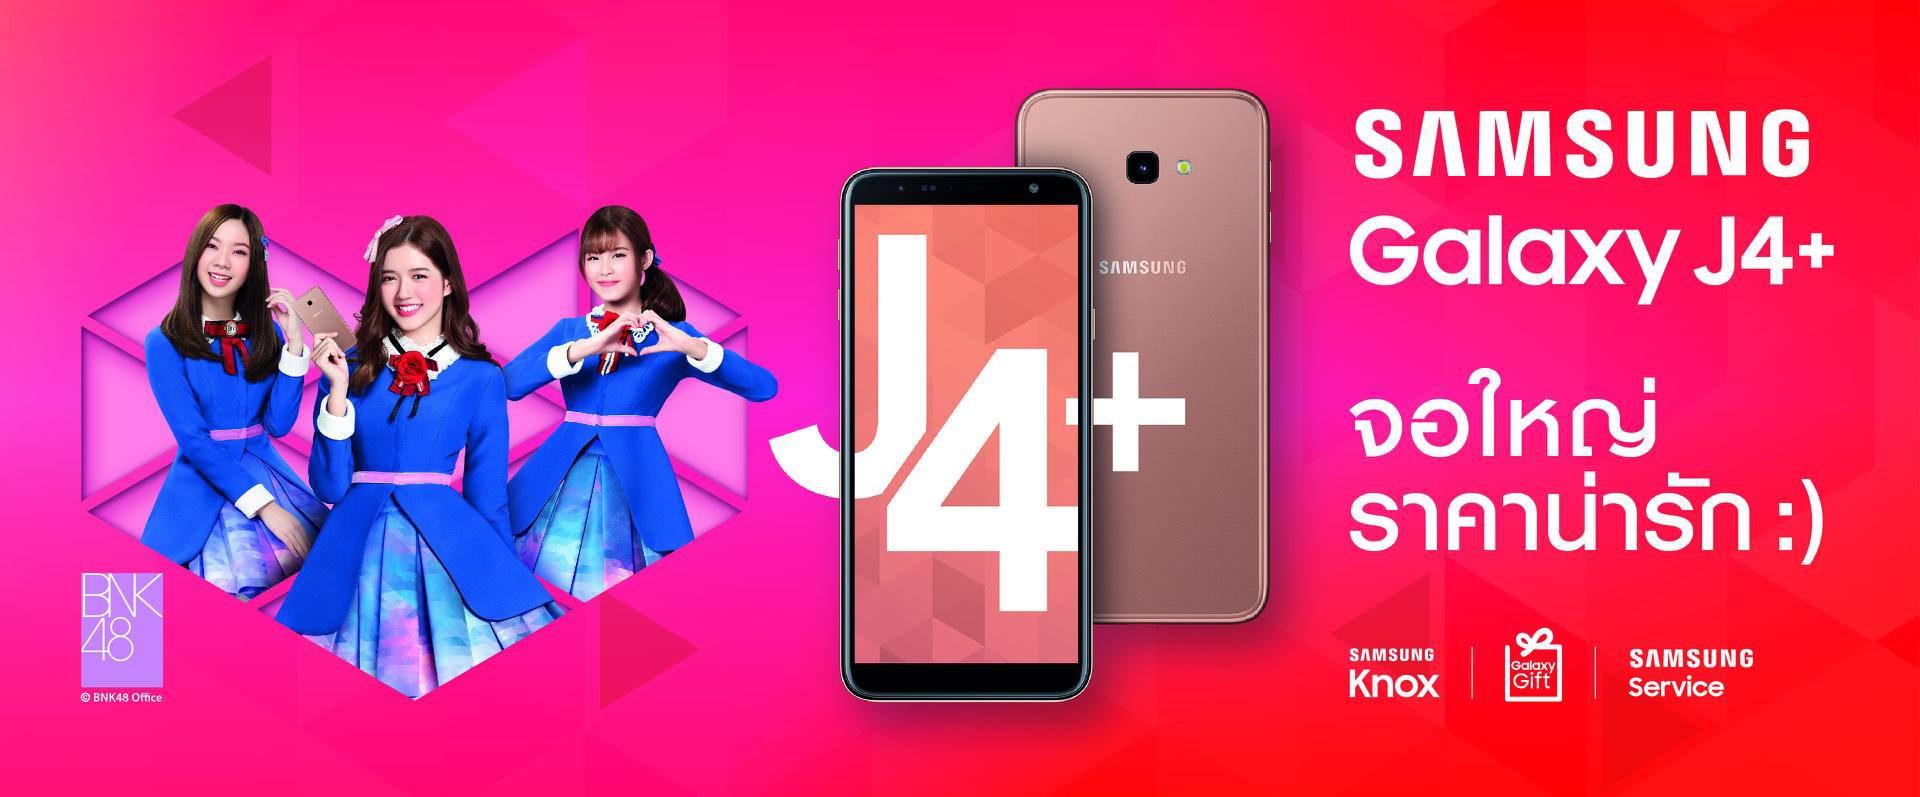 Galaxy J4+ X BNK48